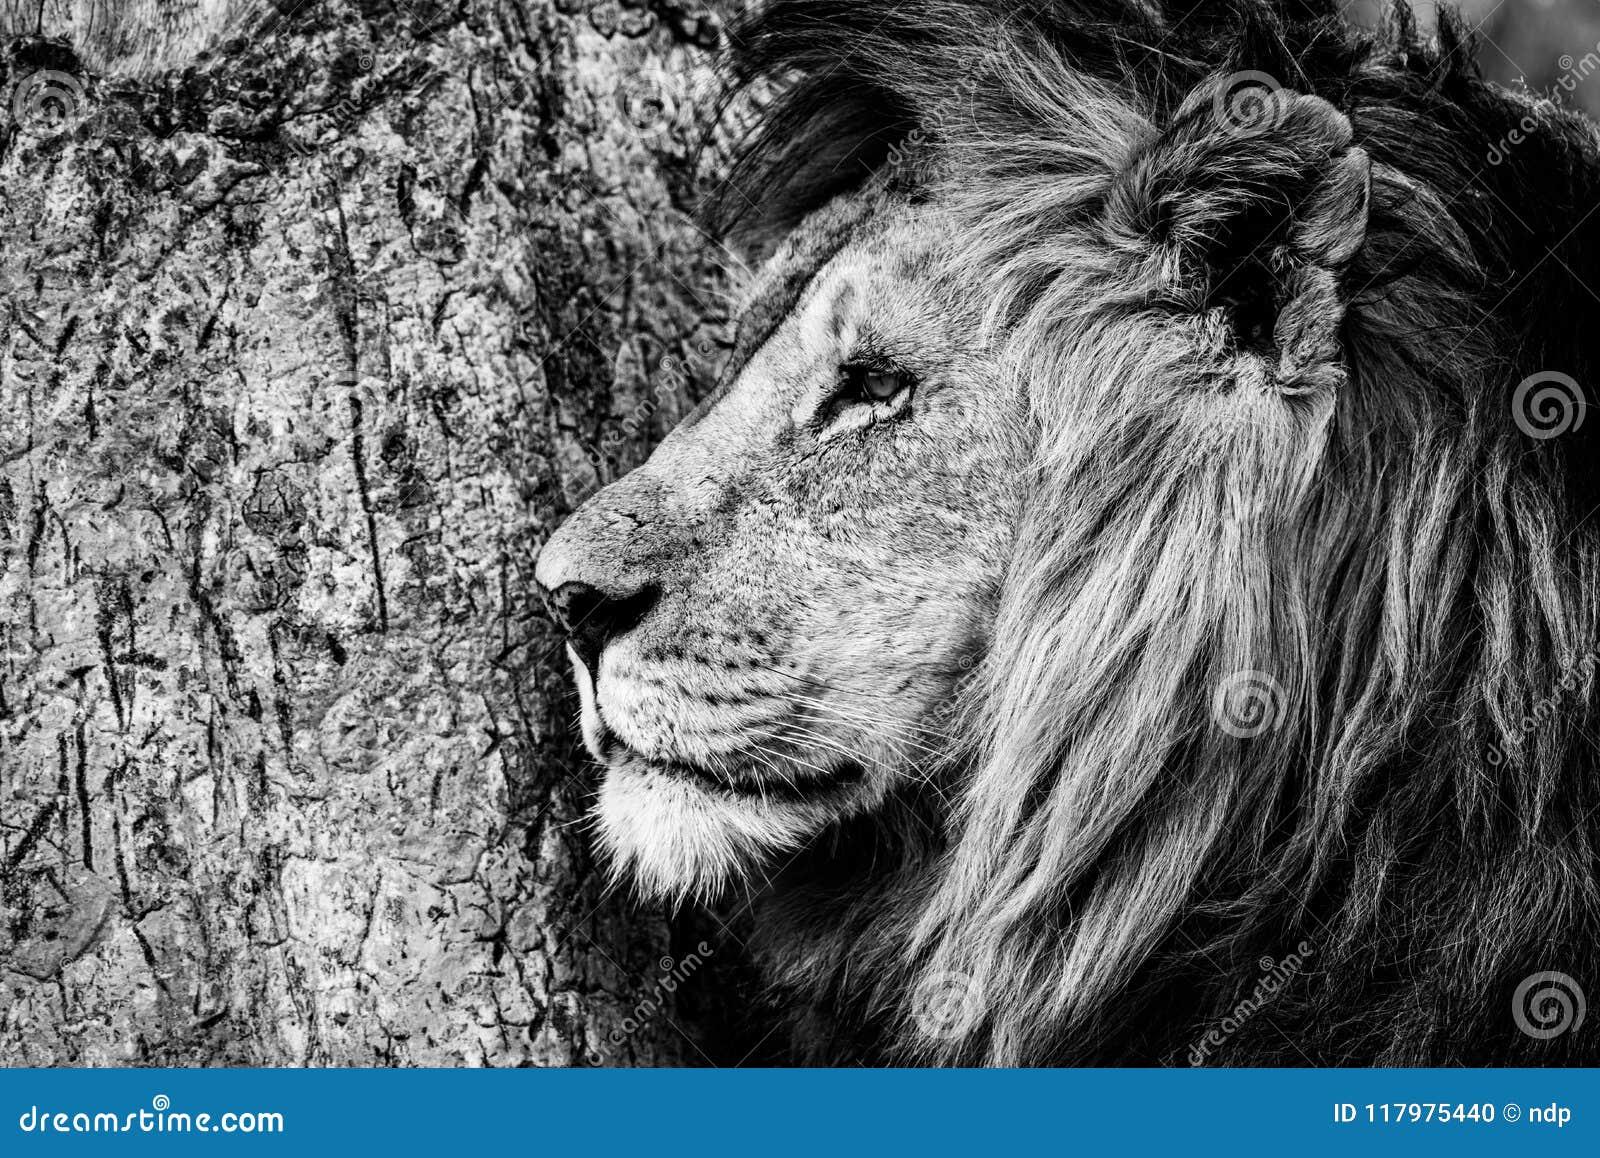 Mono närbild av det manliga lejonet vid trädet